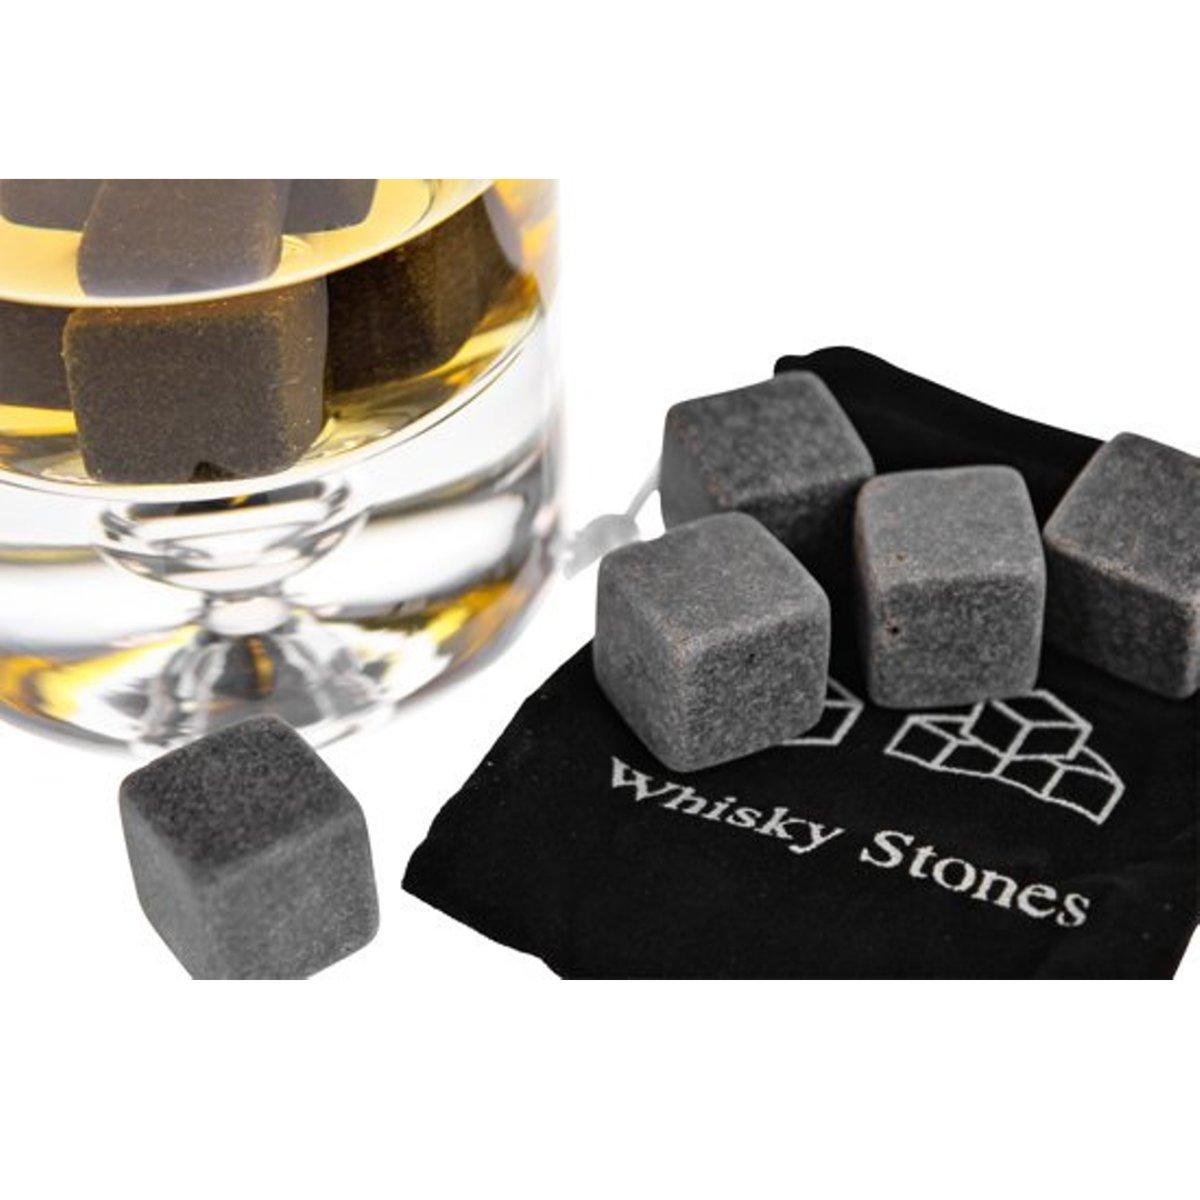 Whiskey stones - Whisky Stenen - IJsblokken Van Natuursteen - 6 Stuks - Cadeau Tip Man/ Vriend - Vaderdag Cadeau + GRATIS Geschenk Zakje kopen